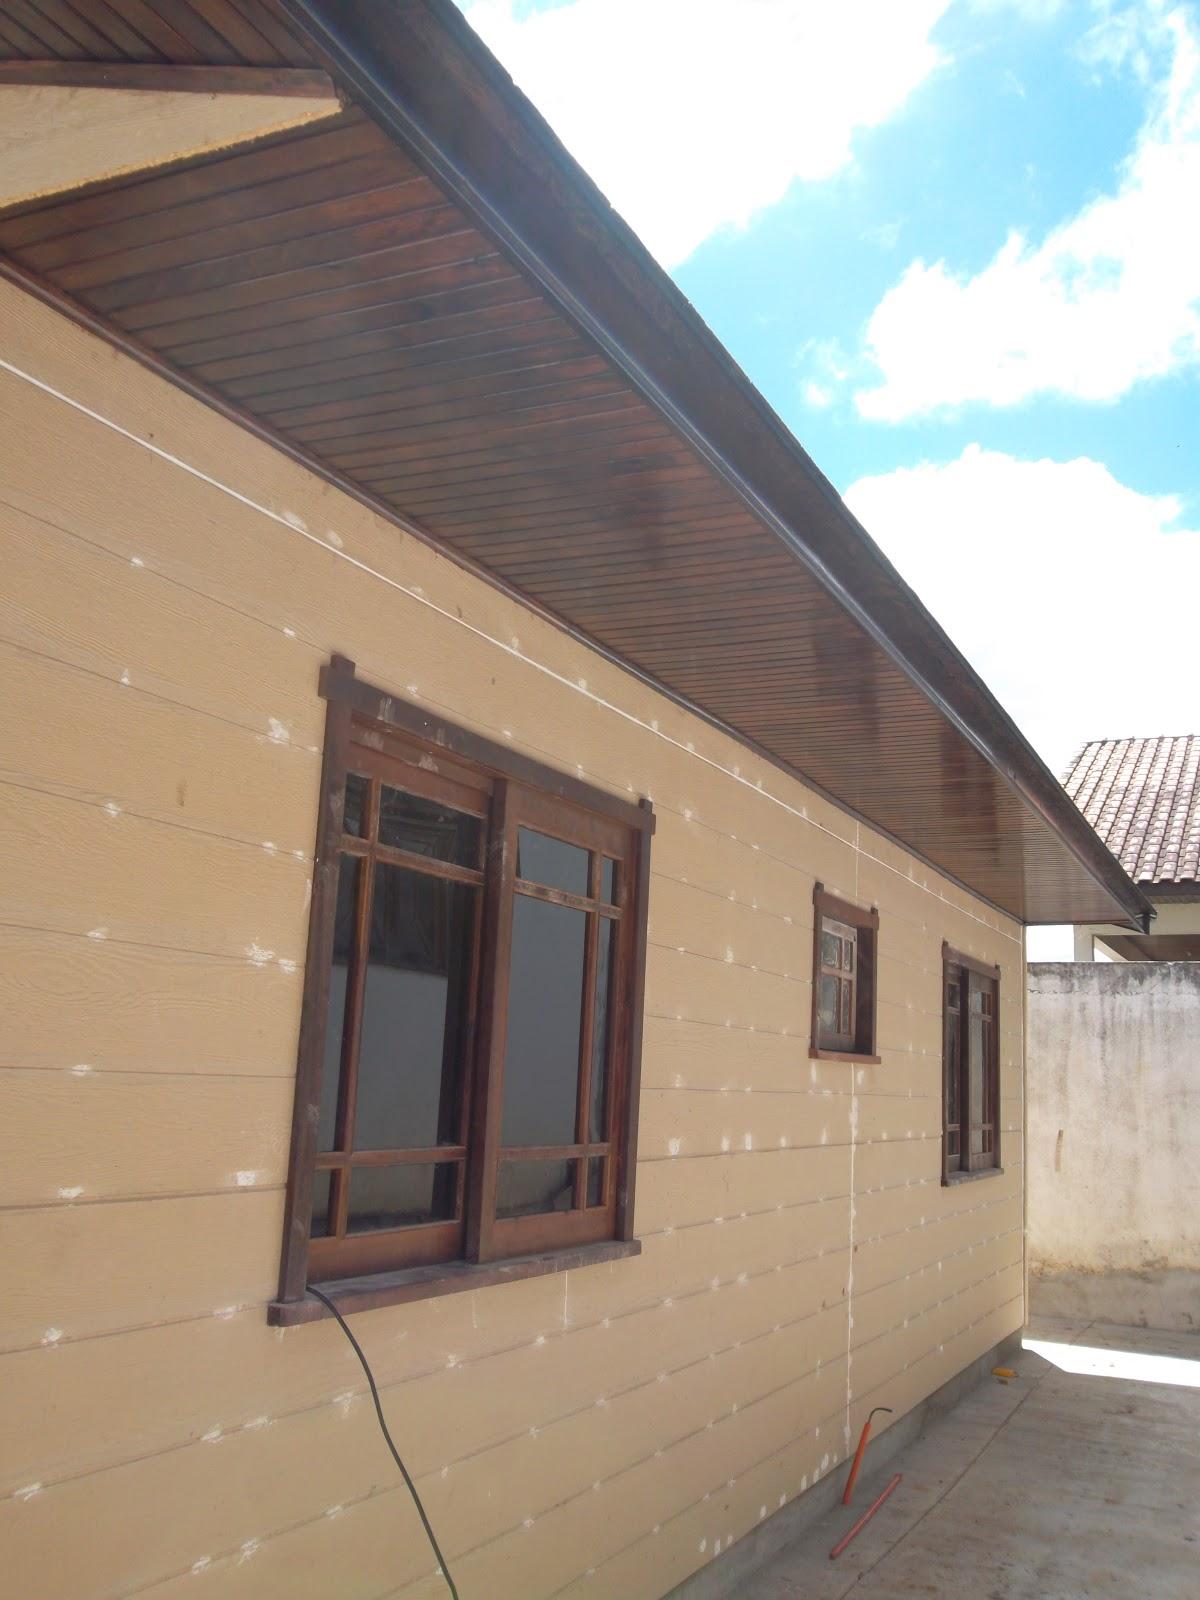 #0494C7 fundos da casa. alem da pintura faltam as ceramicas. 1200x1600 px sonhar banheiro grande